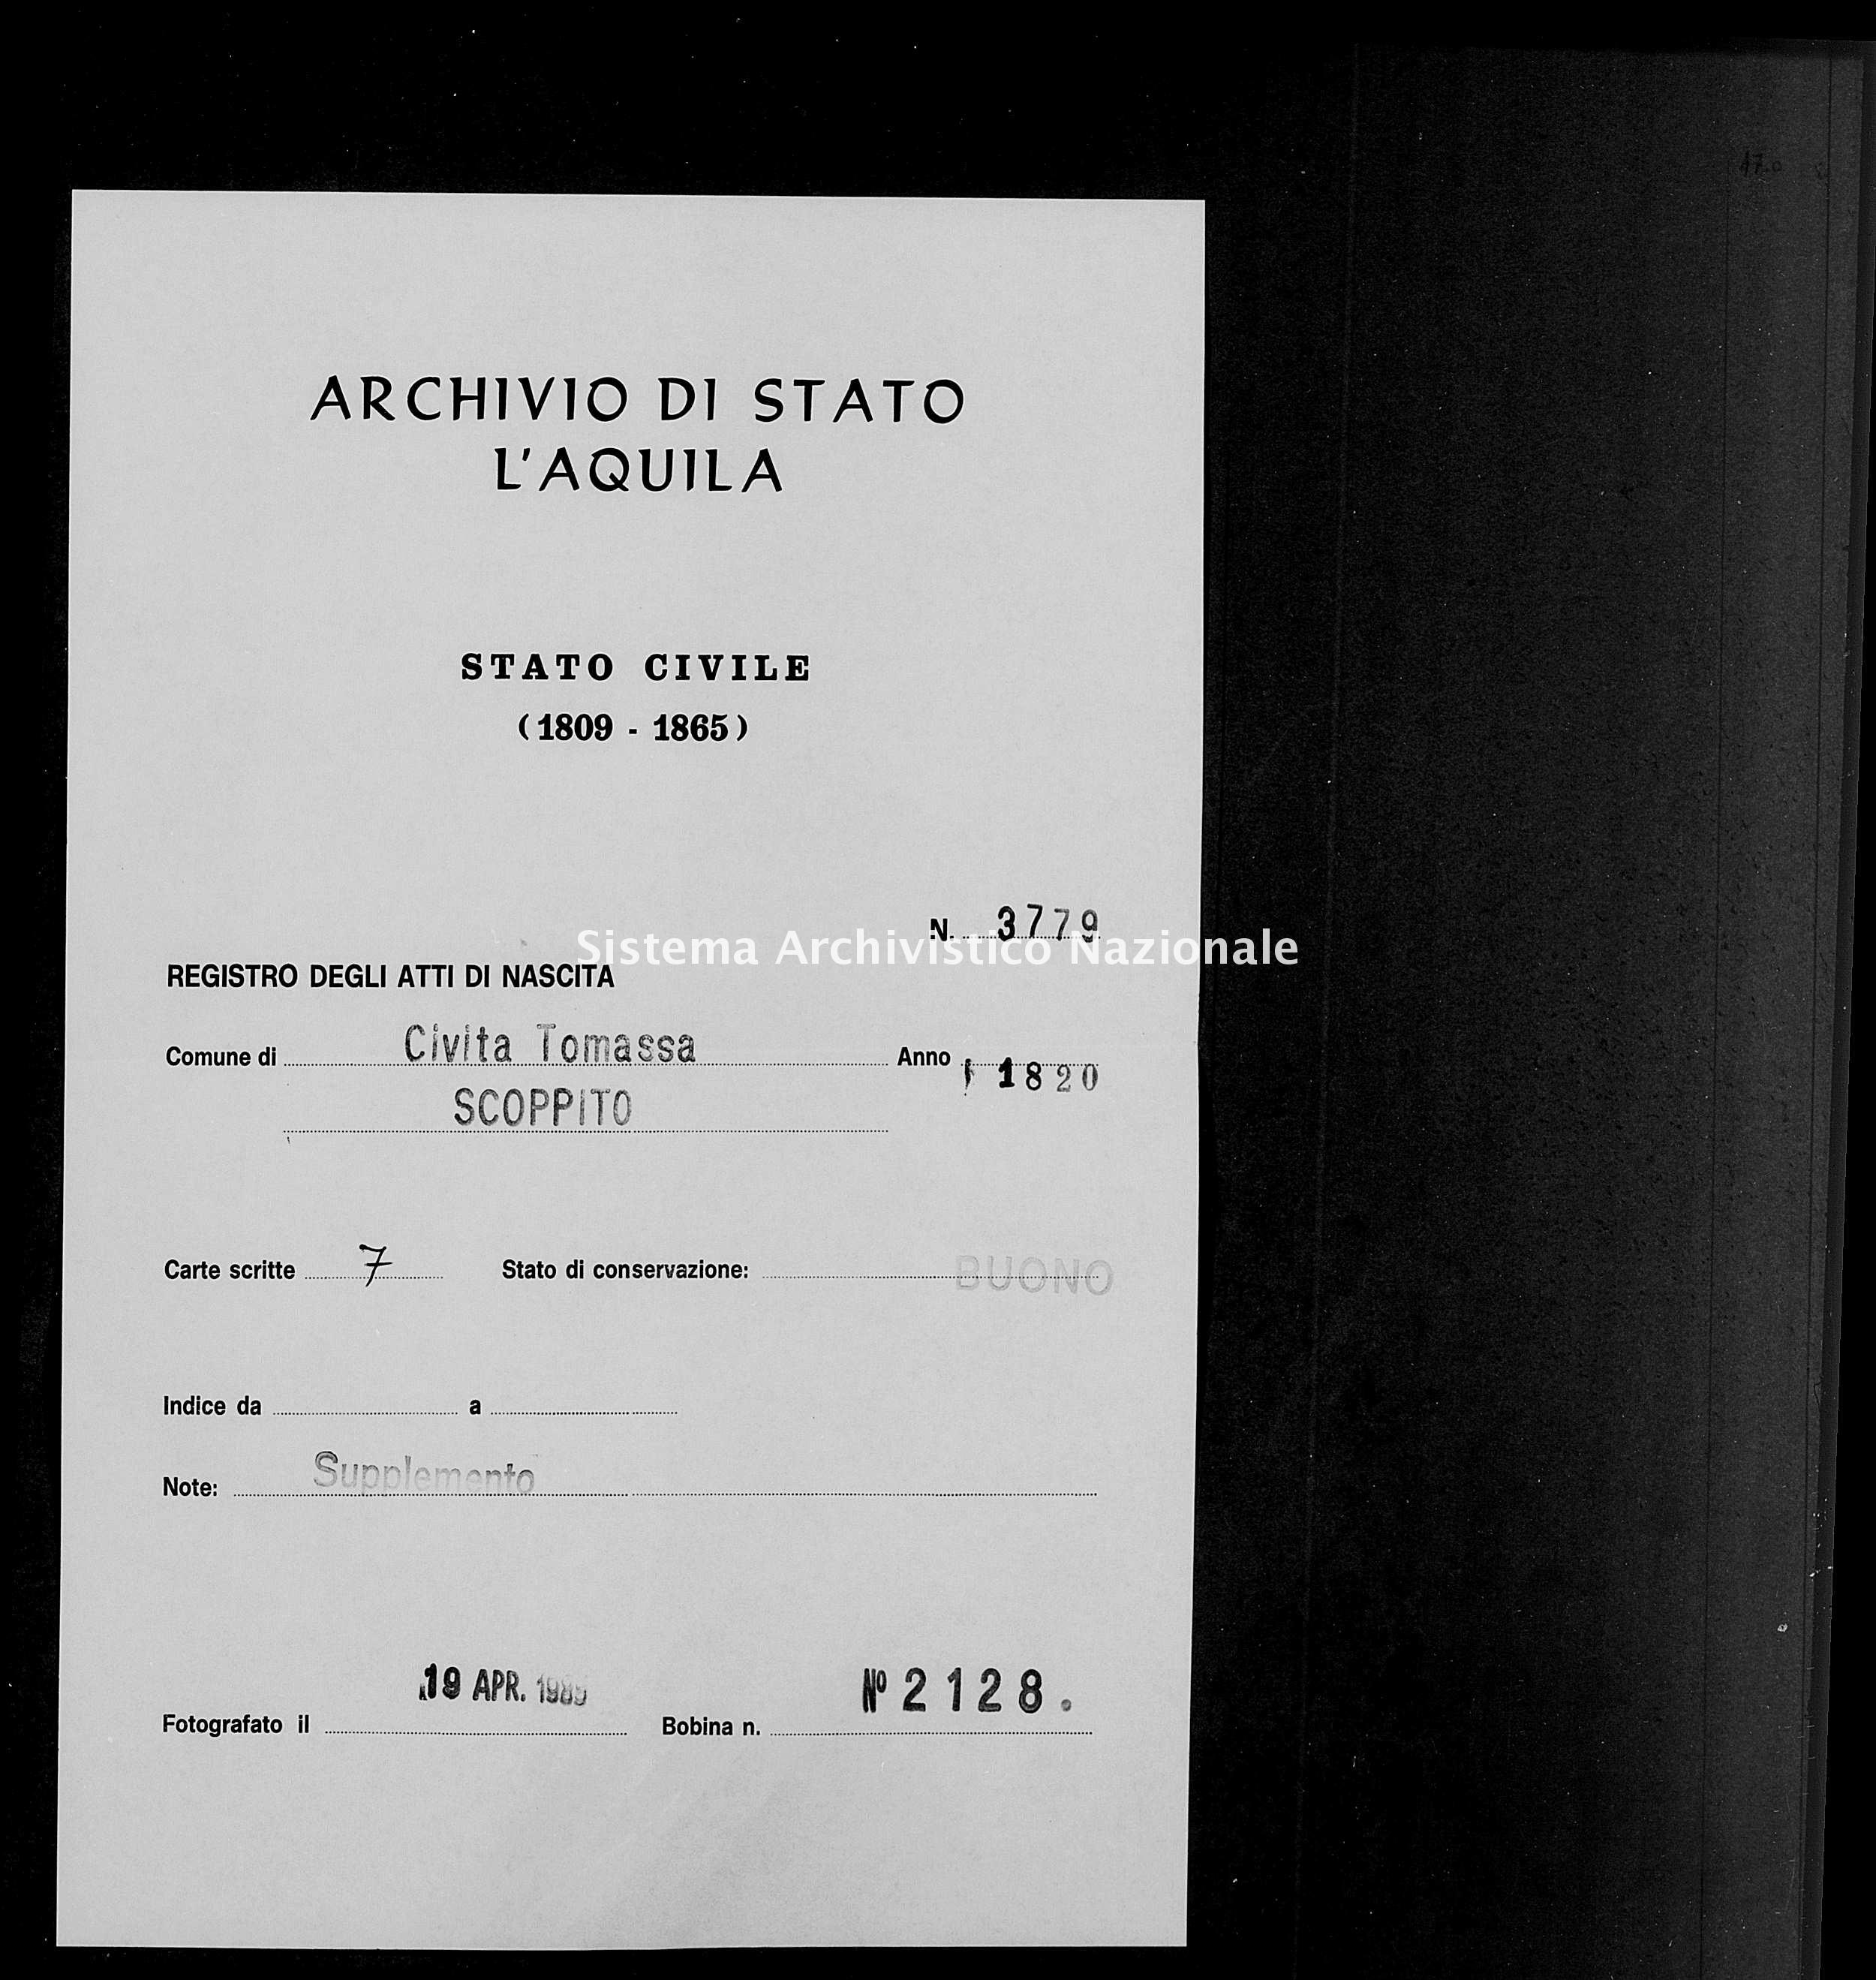 Archivio di stato di L'aquila - Stato civile della restaurazione - Civitatomassa - Nati, battesimi - 1820 - 3779 -